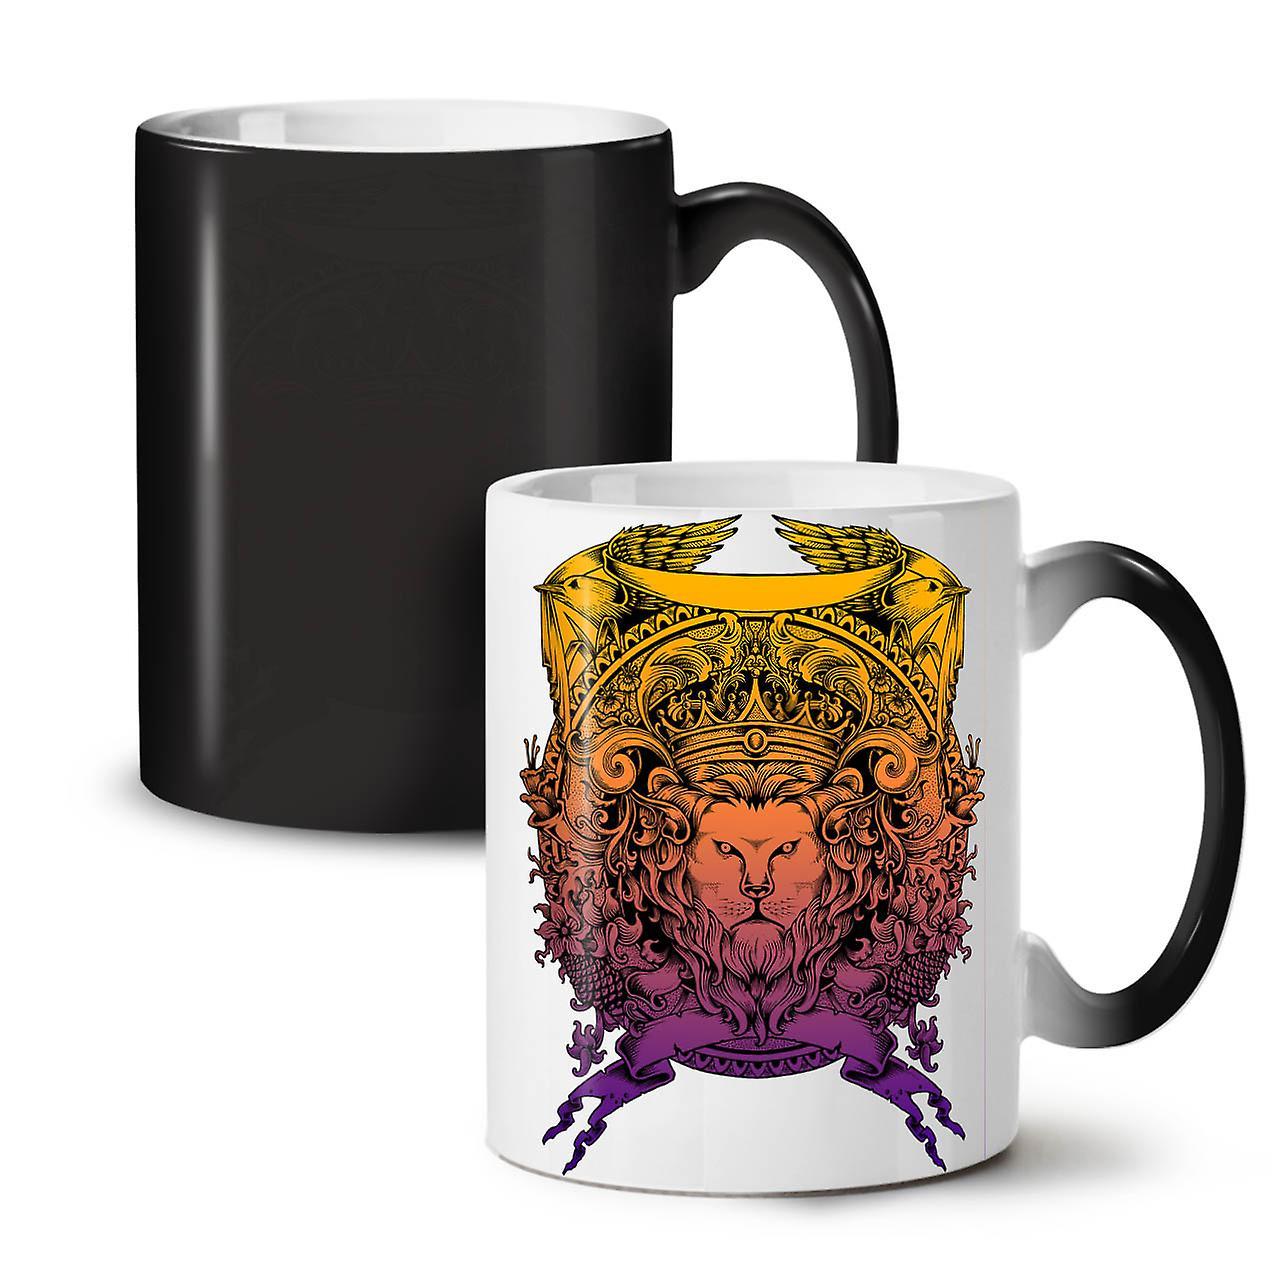 Changeant Noir Café Céramique Couleur Lion Thé 11 Animal Folle Roi Tasse OzWellcoda Face Nouvelle tshdQCr